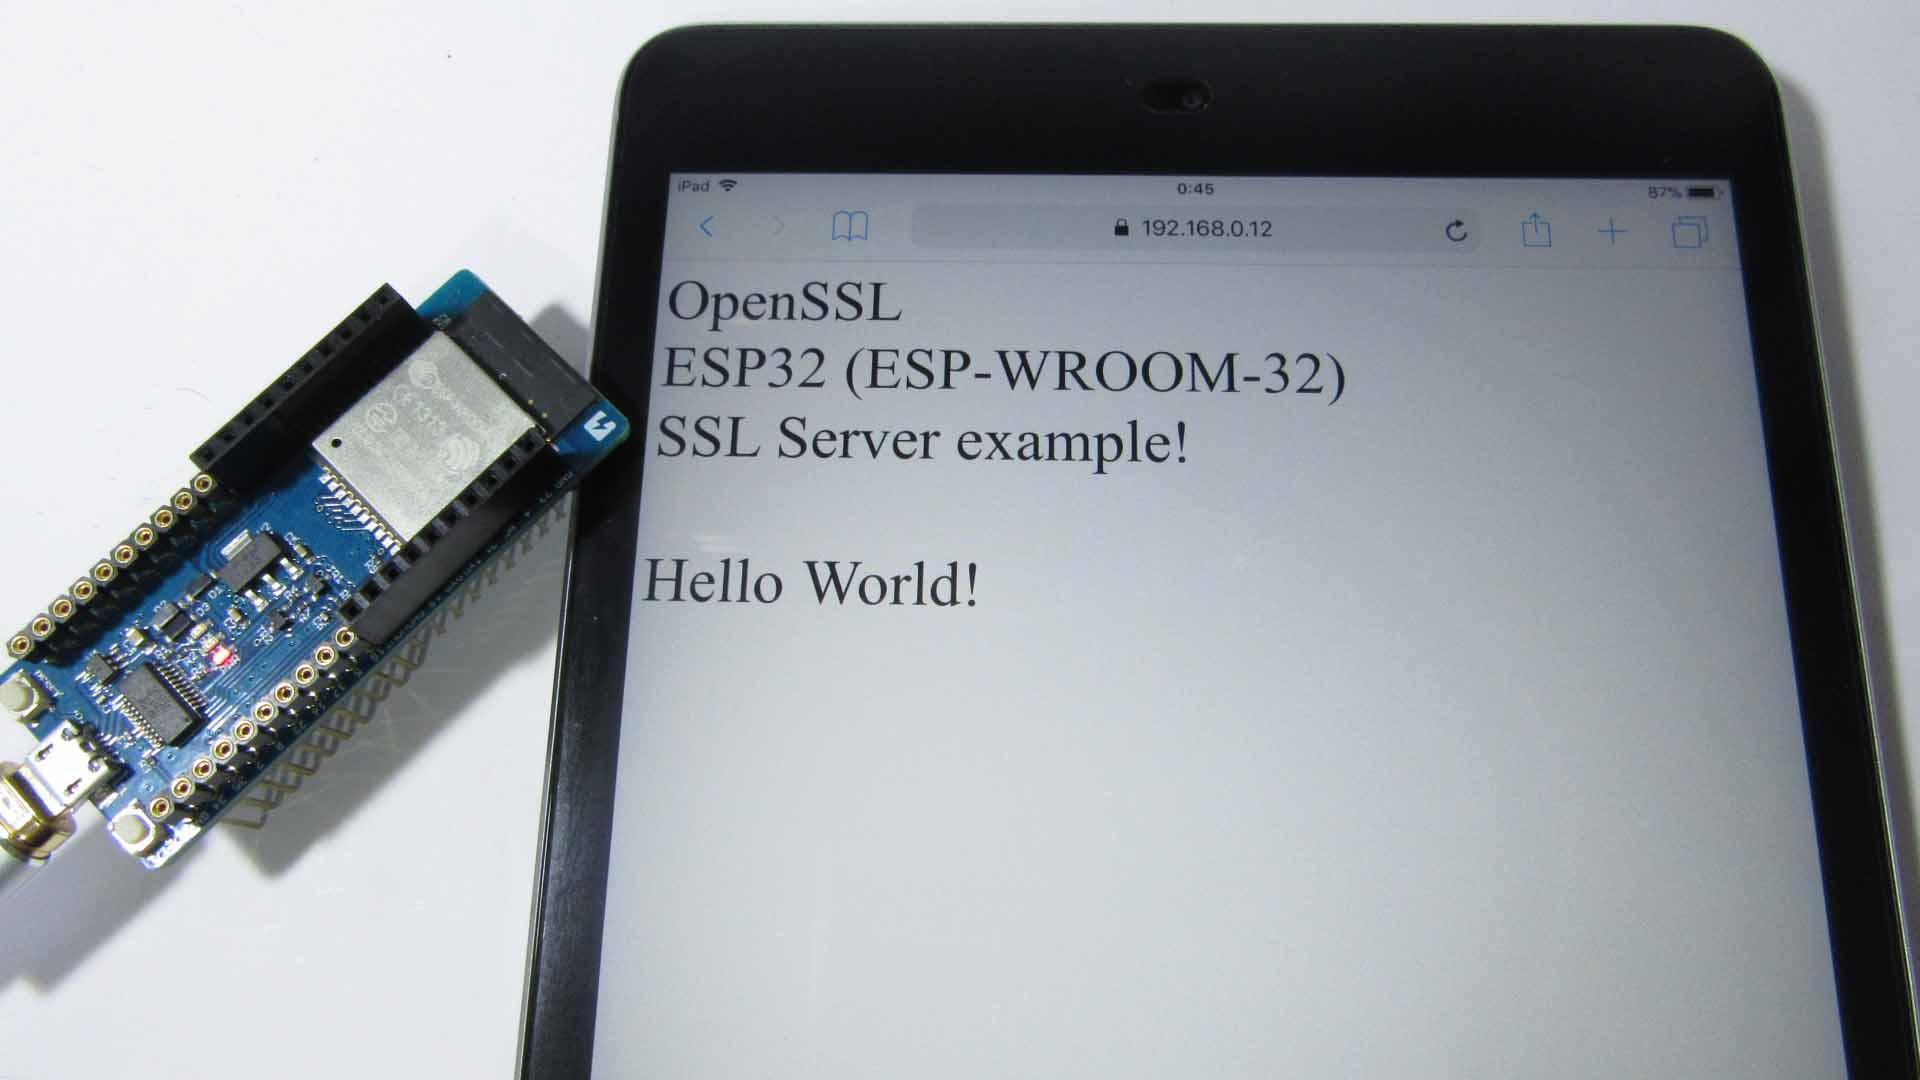 esp_idf_openssl_server99.jpg